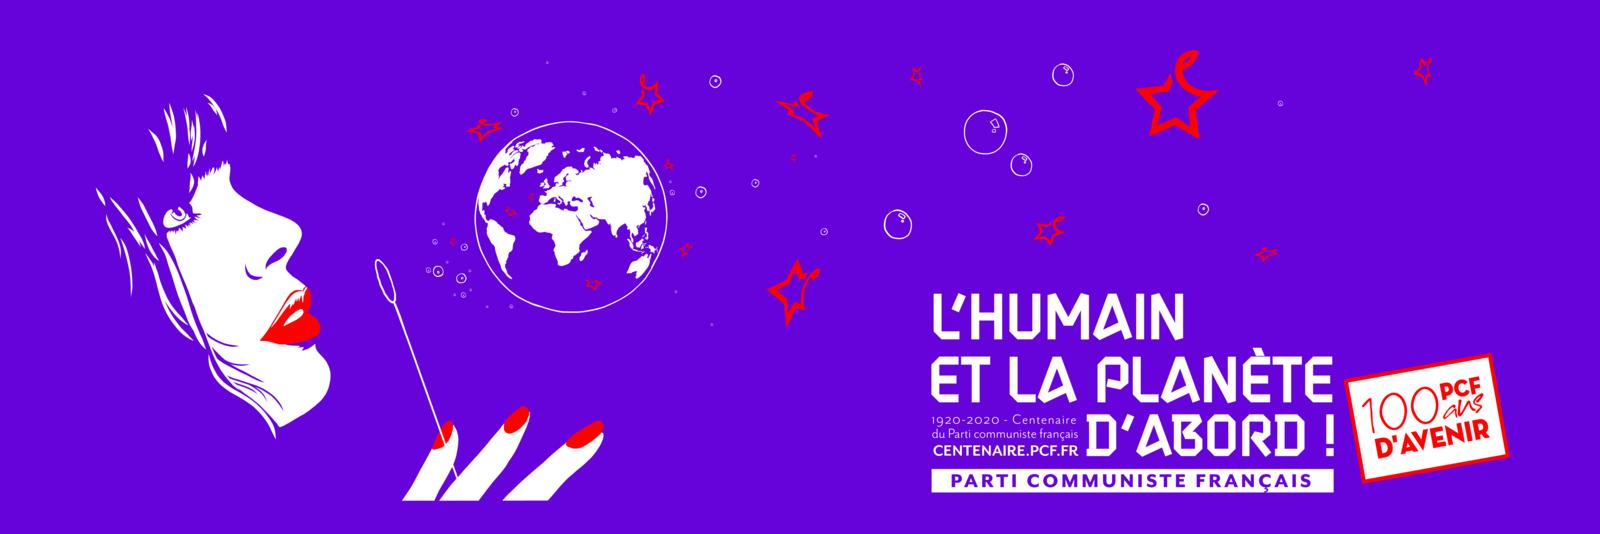 3 adhésions au Parti communiste dans le Finistère le 17 septembre - Adhérer au PCF, le choix du partage et de l'Humain d'abord